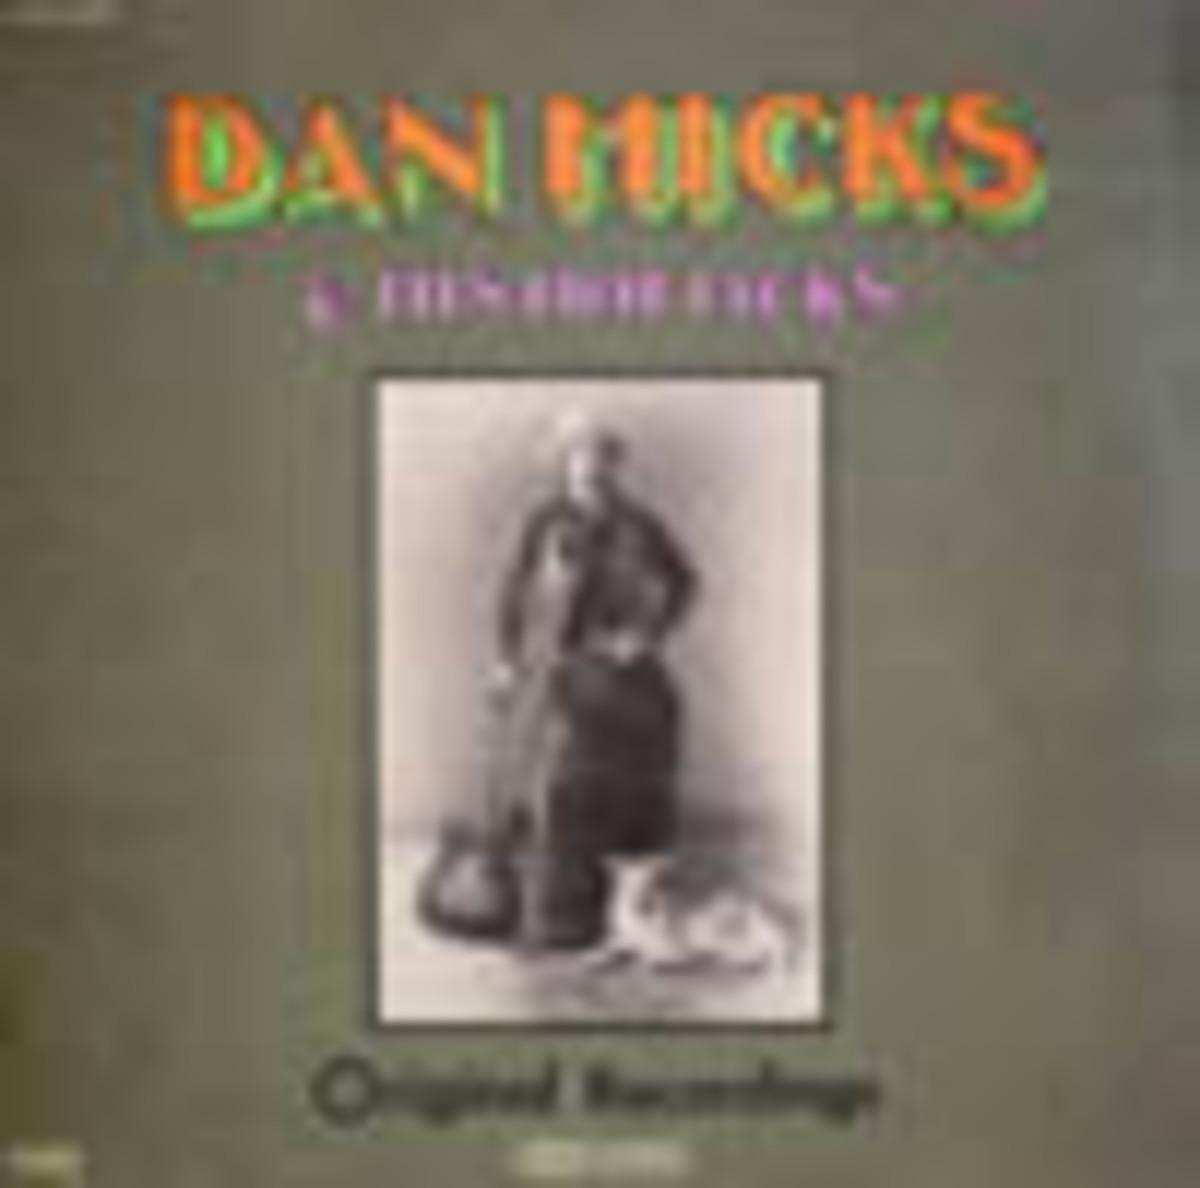 Dan Hick sand His Hot Licks Original Recordings